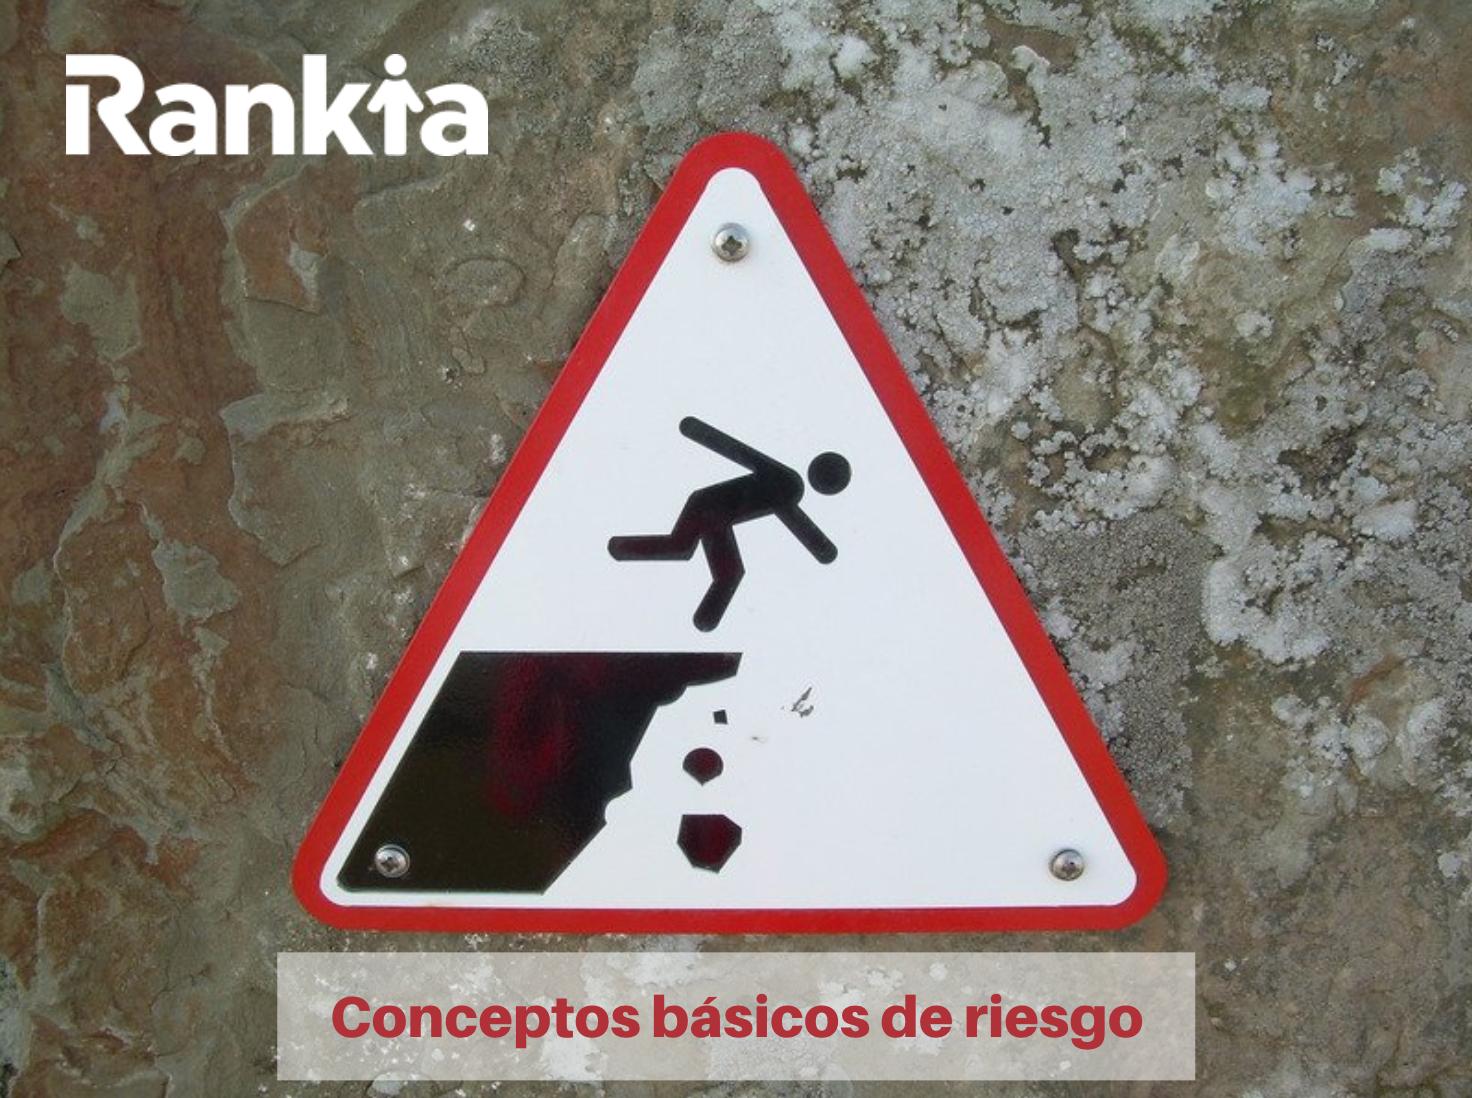 Conceptos básicos de riesgo